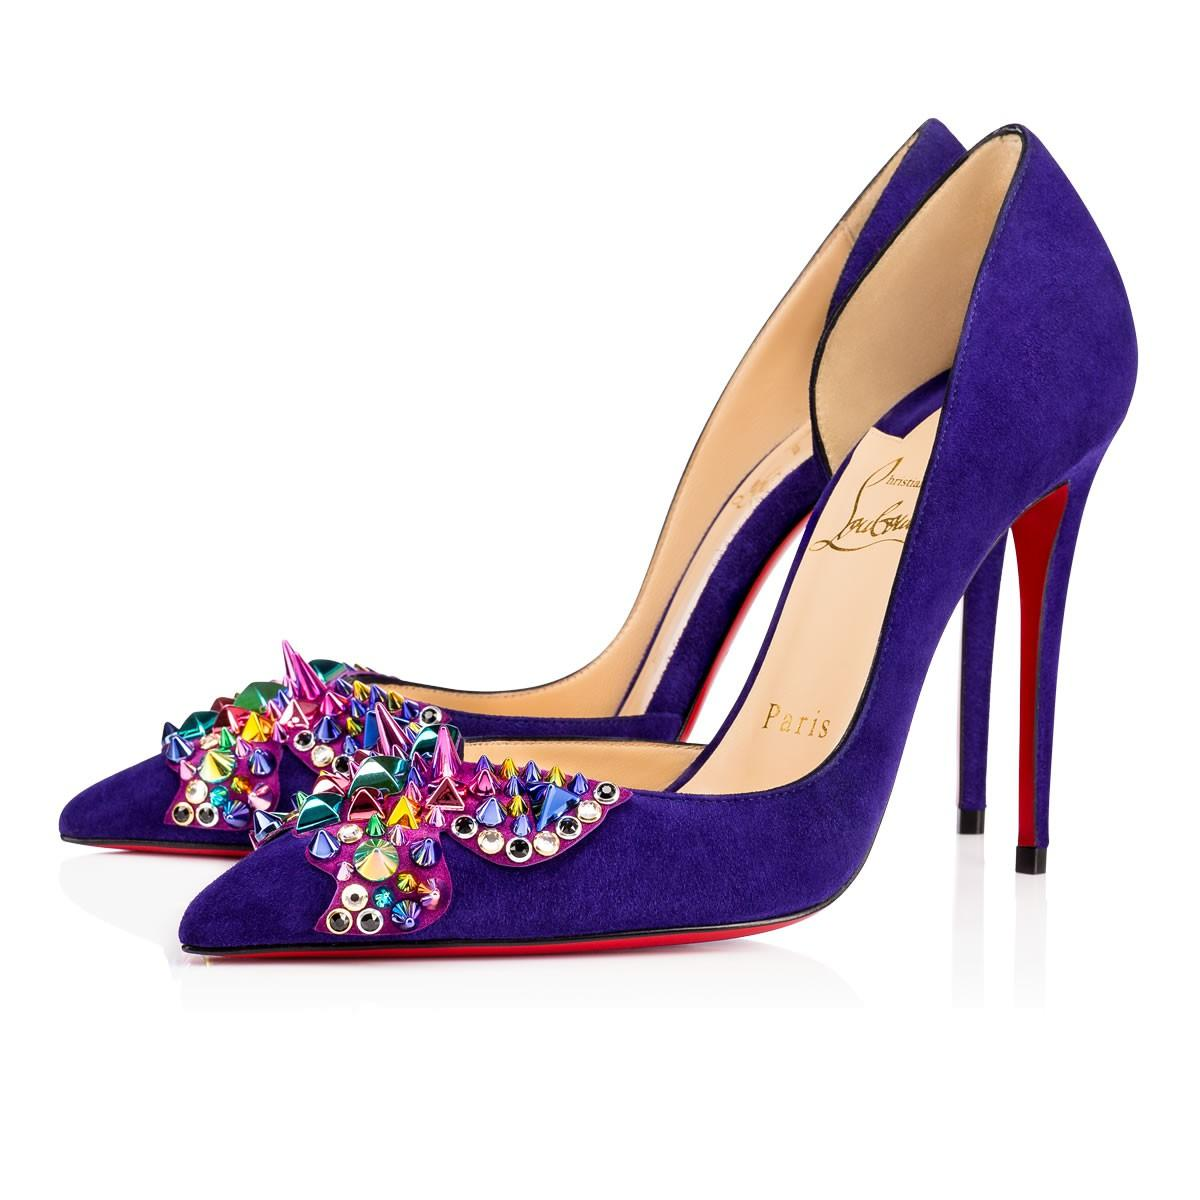 b7c783d6820 Farfaclou Veau Velours 100 Encre Veau Velours - Women Shoes - Christian  Louboutin in Version Encre